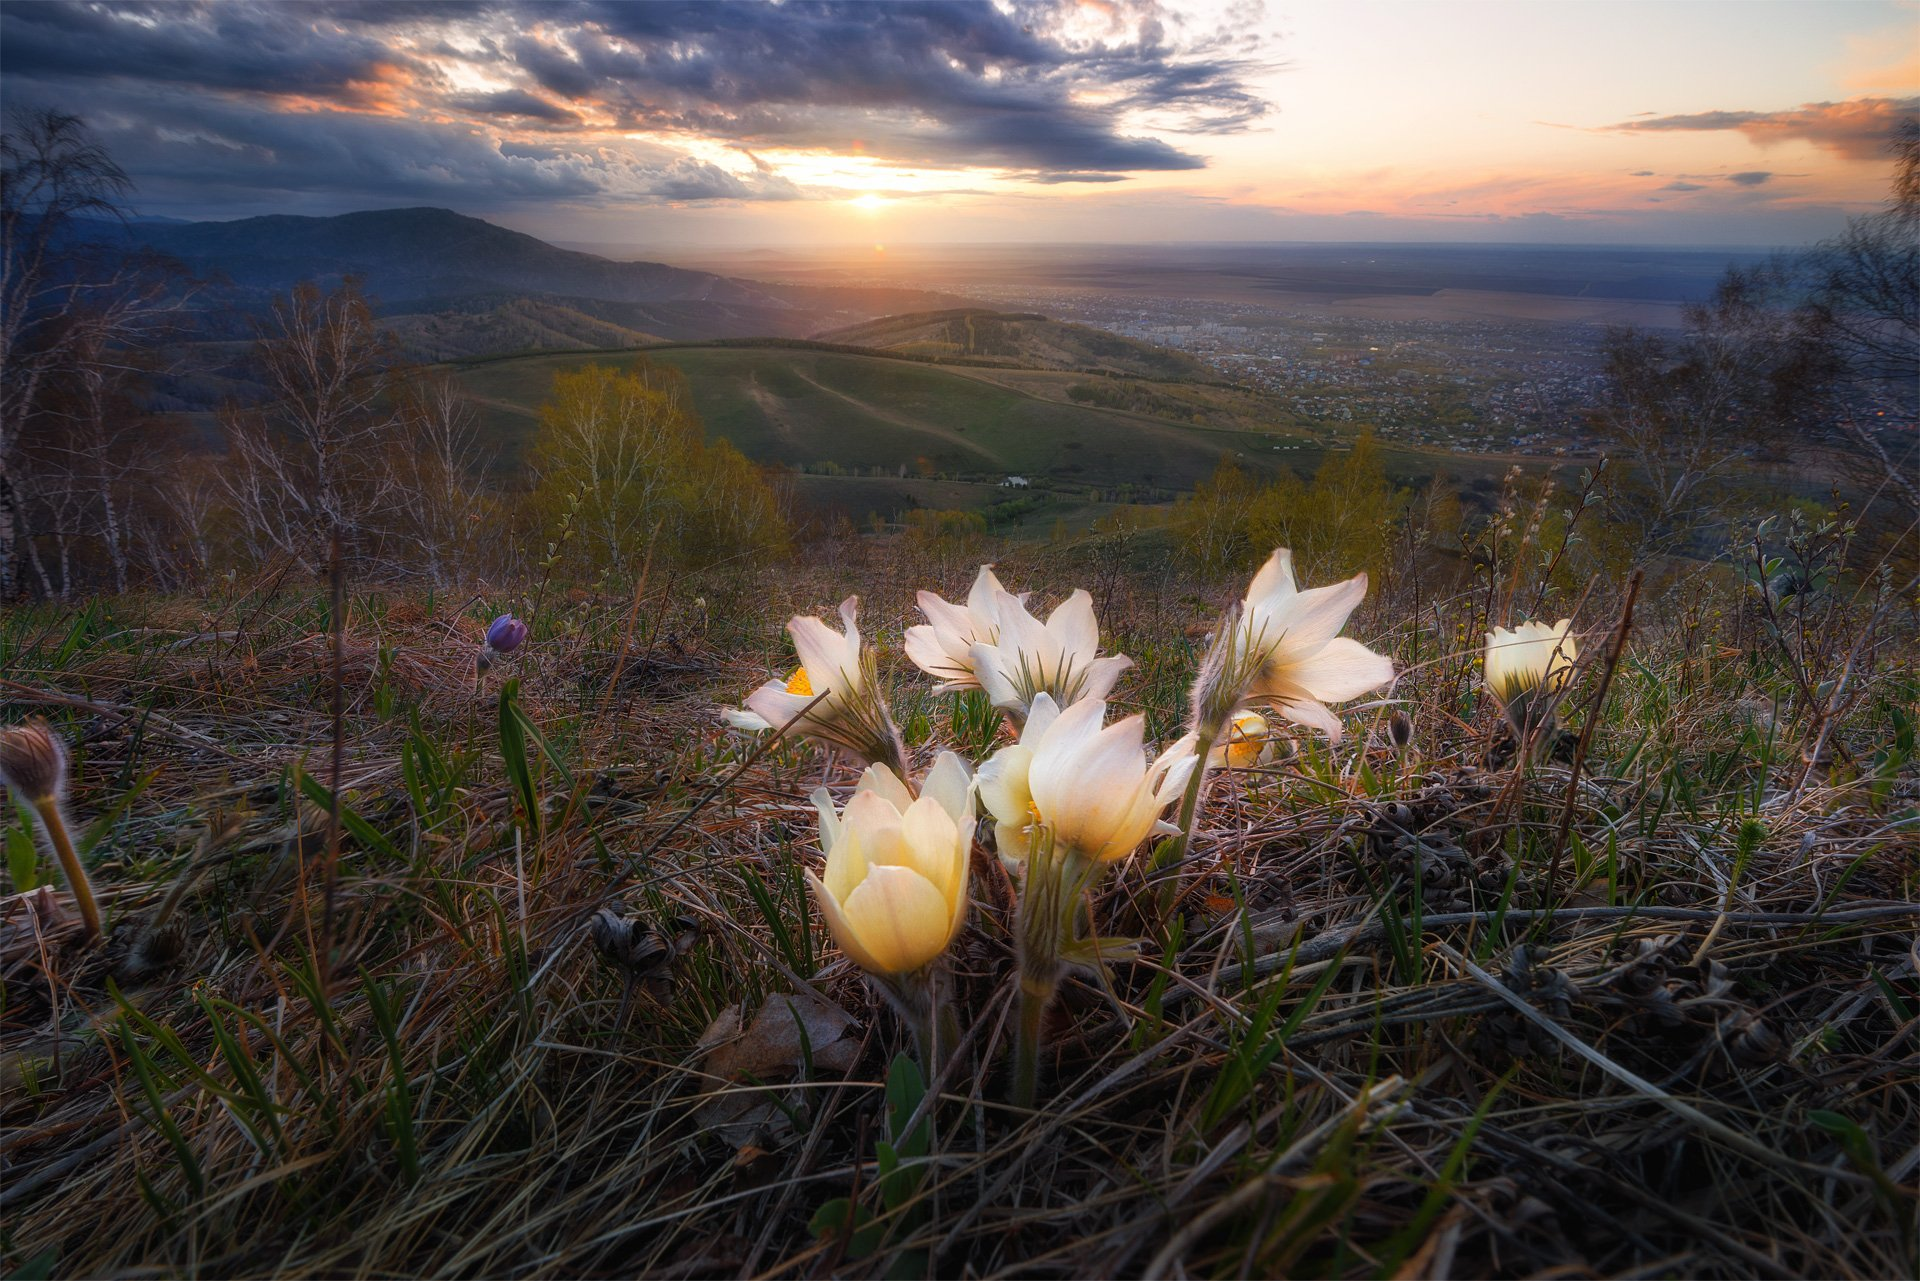 весна, алтай, закат, горы, солнце, долина, трава, небо, тучи, белокуриха, Павел Силиненко